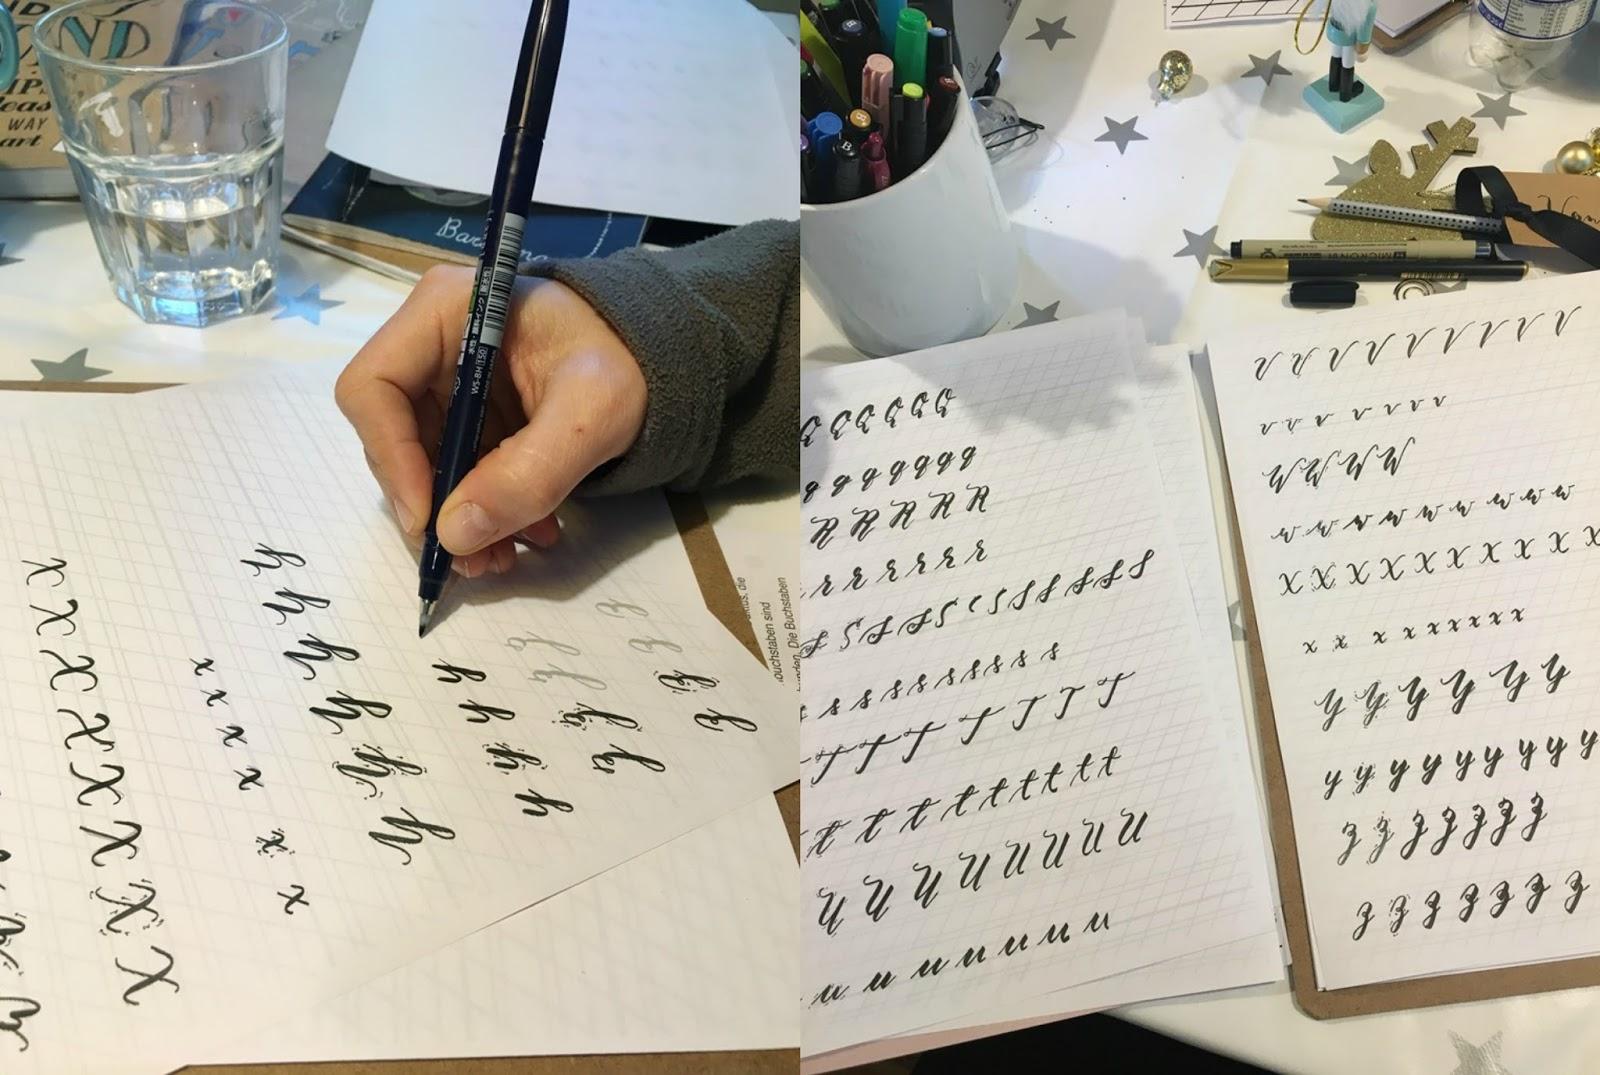 Weihnachtlicher Handlettering Workshop mit Silja von Creatipster in Köln, Lettering, Handlettering lernen, DIY, Schönschrift, Brushlettering Handlettering Kurs Workshop in Köln